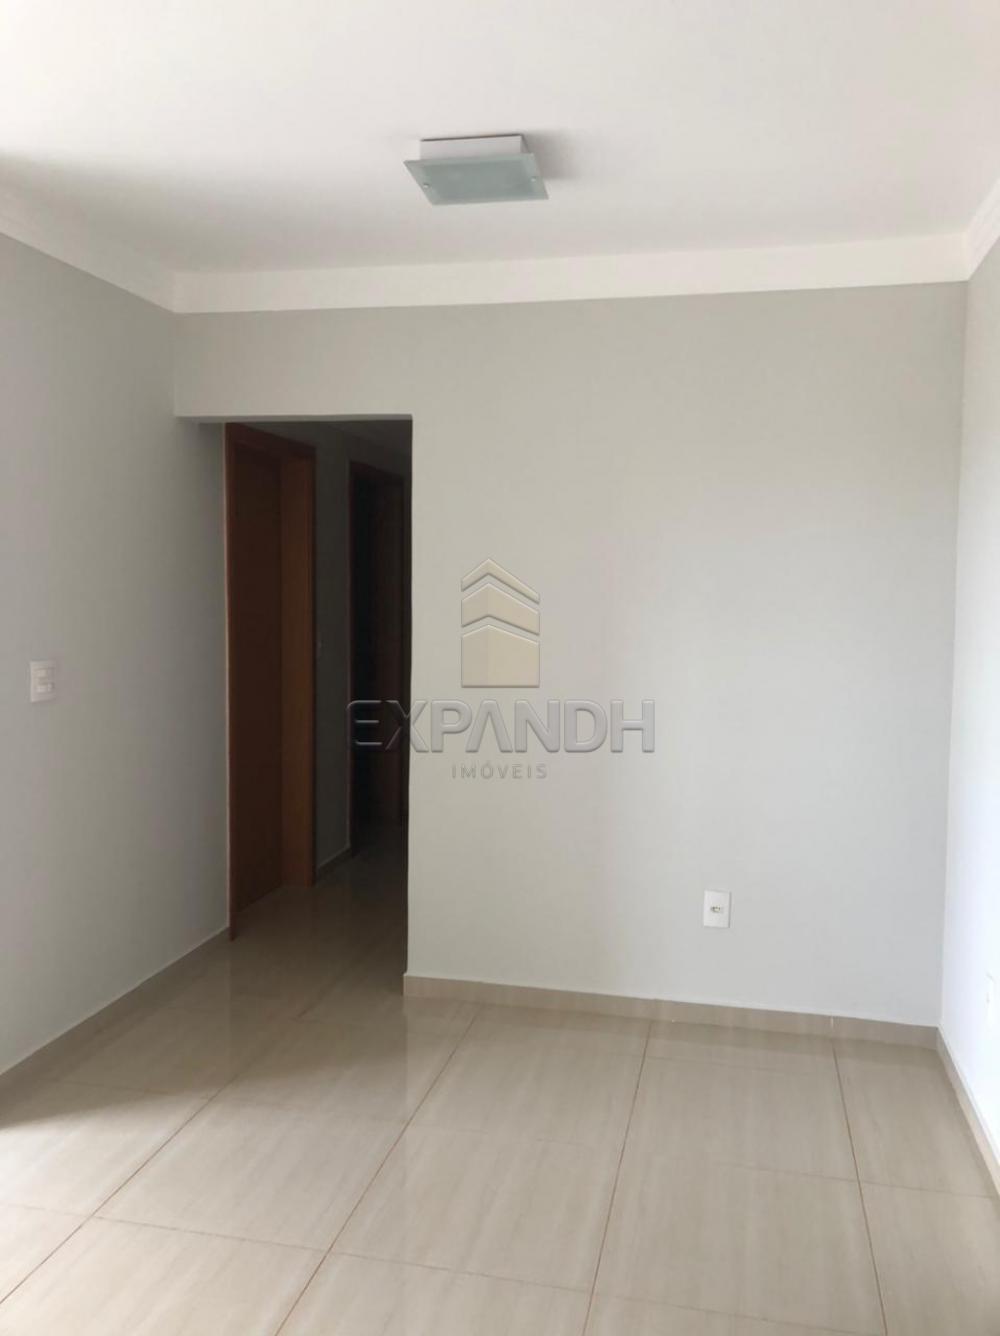 Alugar Apartamentos / Padrão em Sertãozinho apenas R$ 1.250,00 - Foto 3